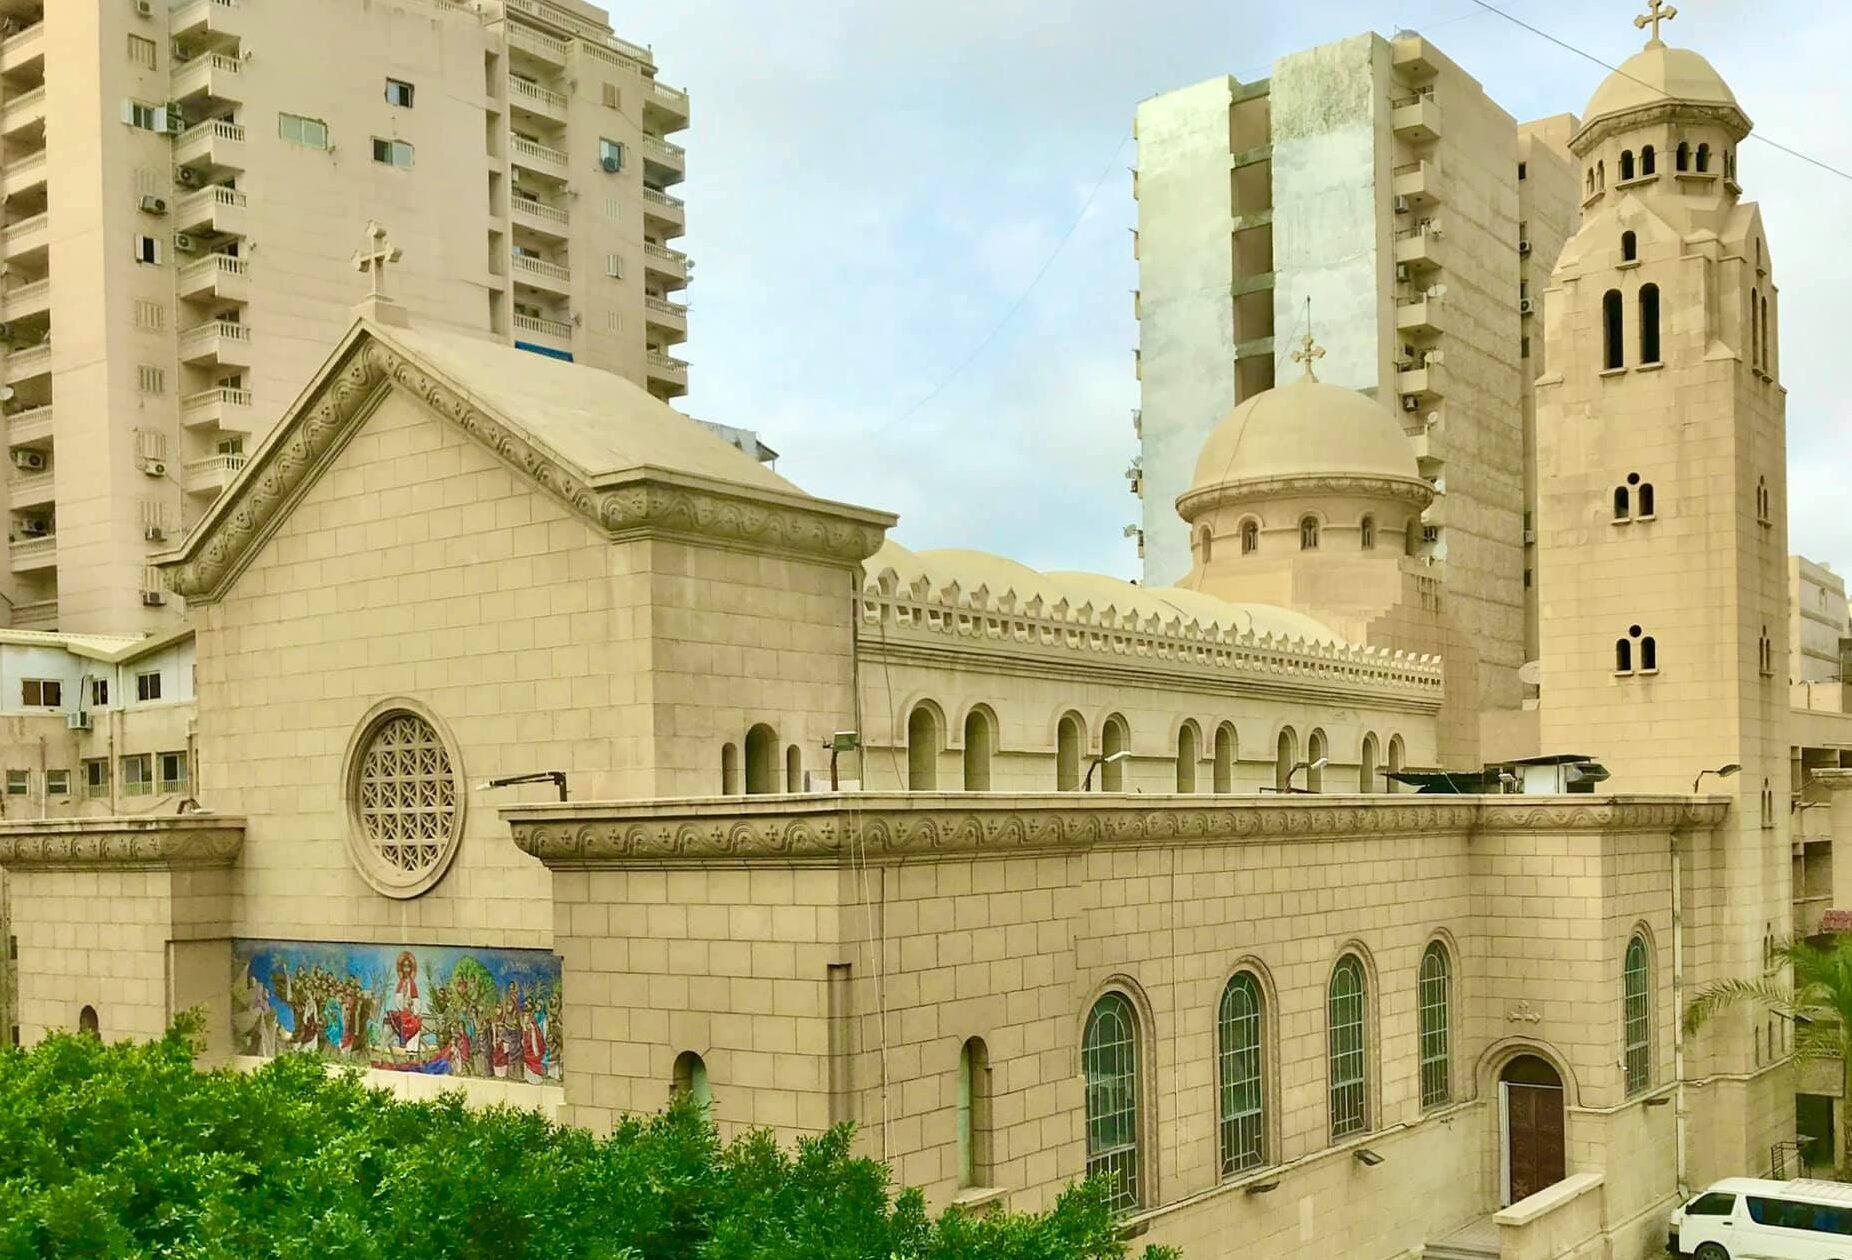 حريق كنيسة مارمينا بالعمرانية تفاصيل قامت الكنيسة القبطيّة بالإفصاح عنها